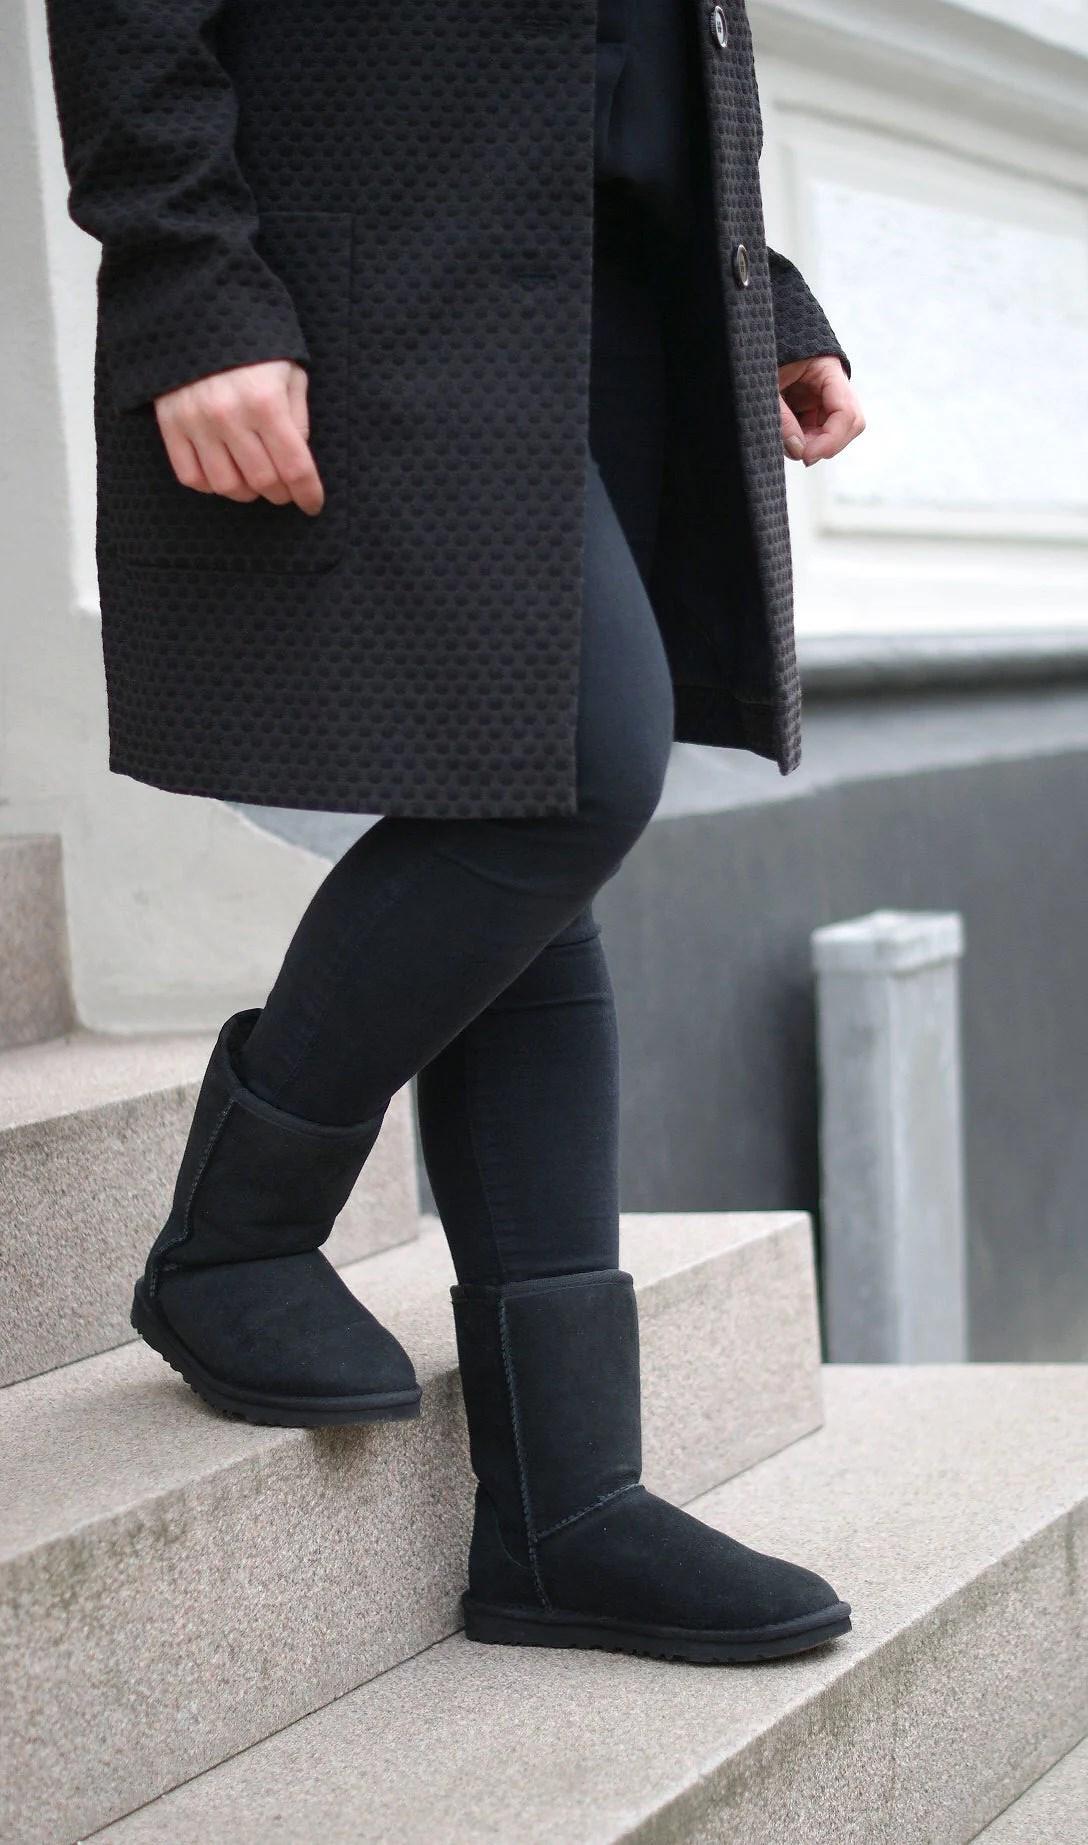 Aalborg-modeblogger-Aalborgmodeblogger-Aalborgmodeblog-It's My Passions-Julie Mænnchen, Fransa, Fransa jakke, UGG, UGG støvler, UGG boots